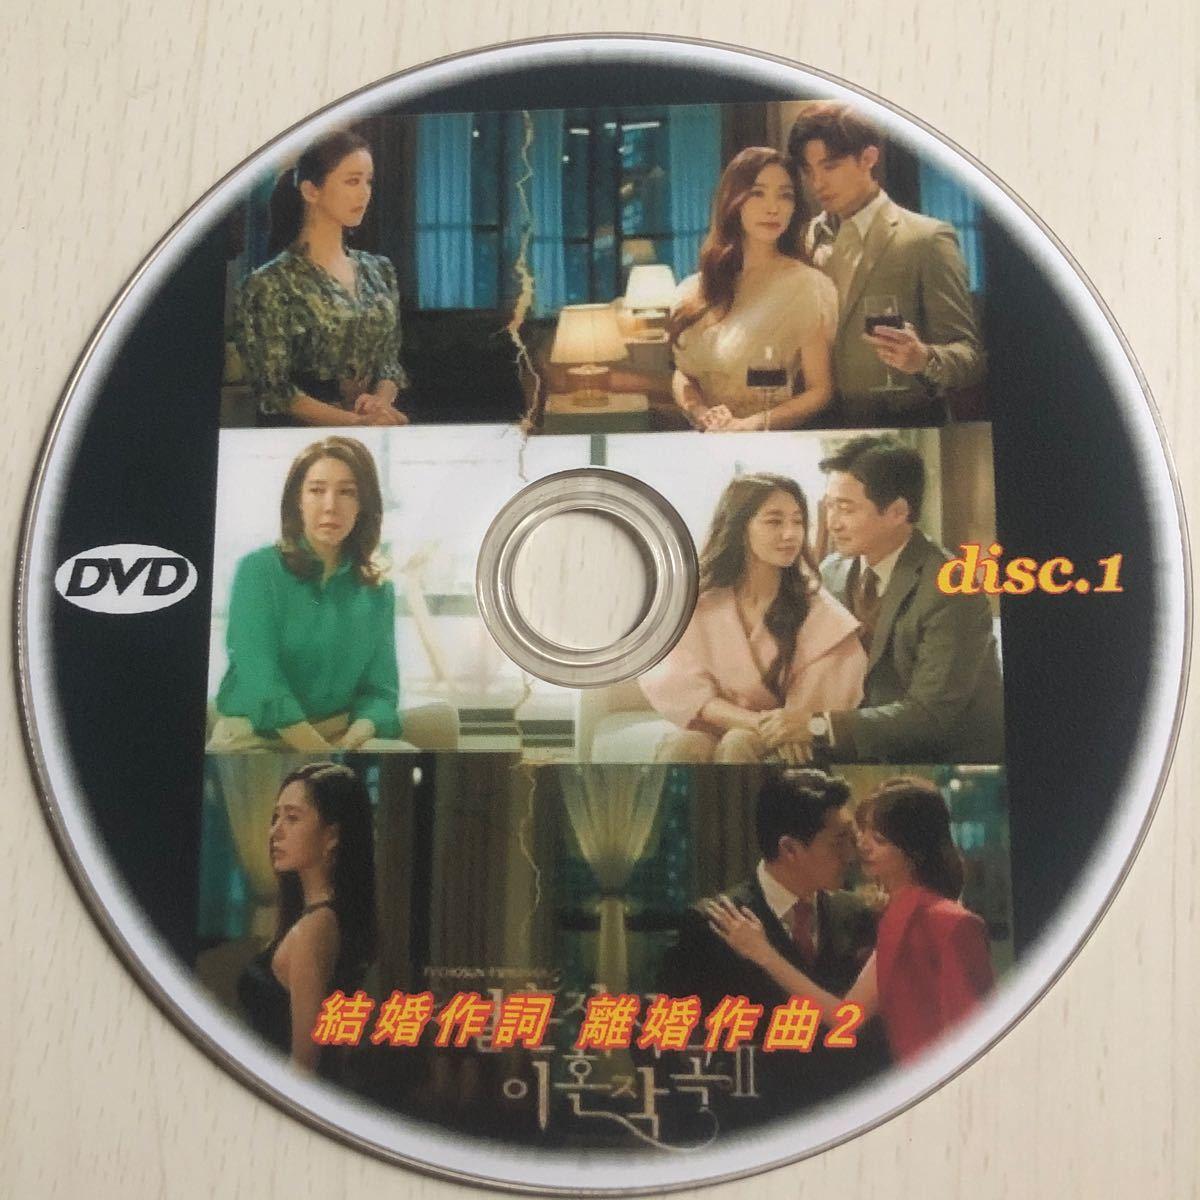 韓国ドラマ【結婚作詞離婚作曲】シーズン2         DVD ★1話〜8話★ HD美麗高画像